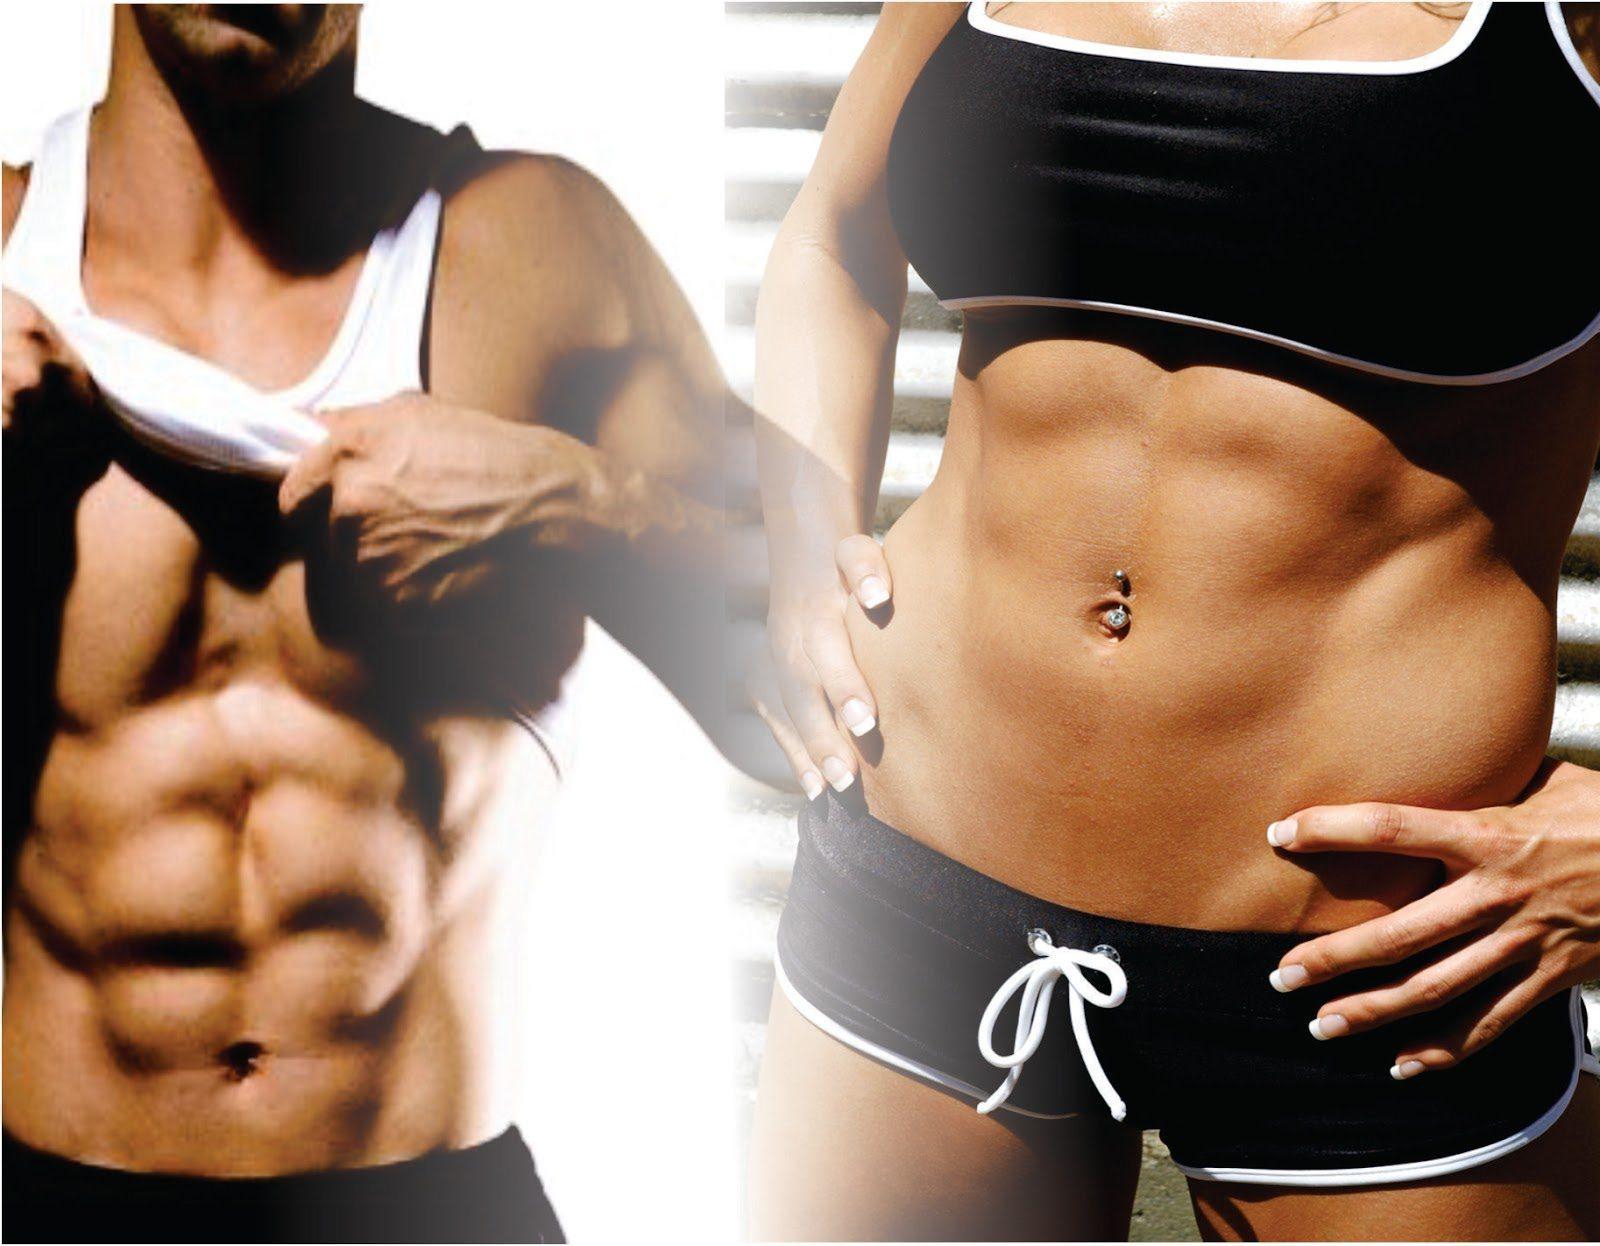 massa muscular e suplementos